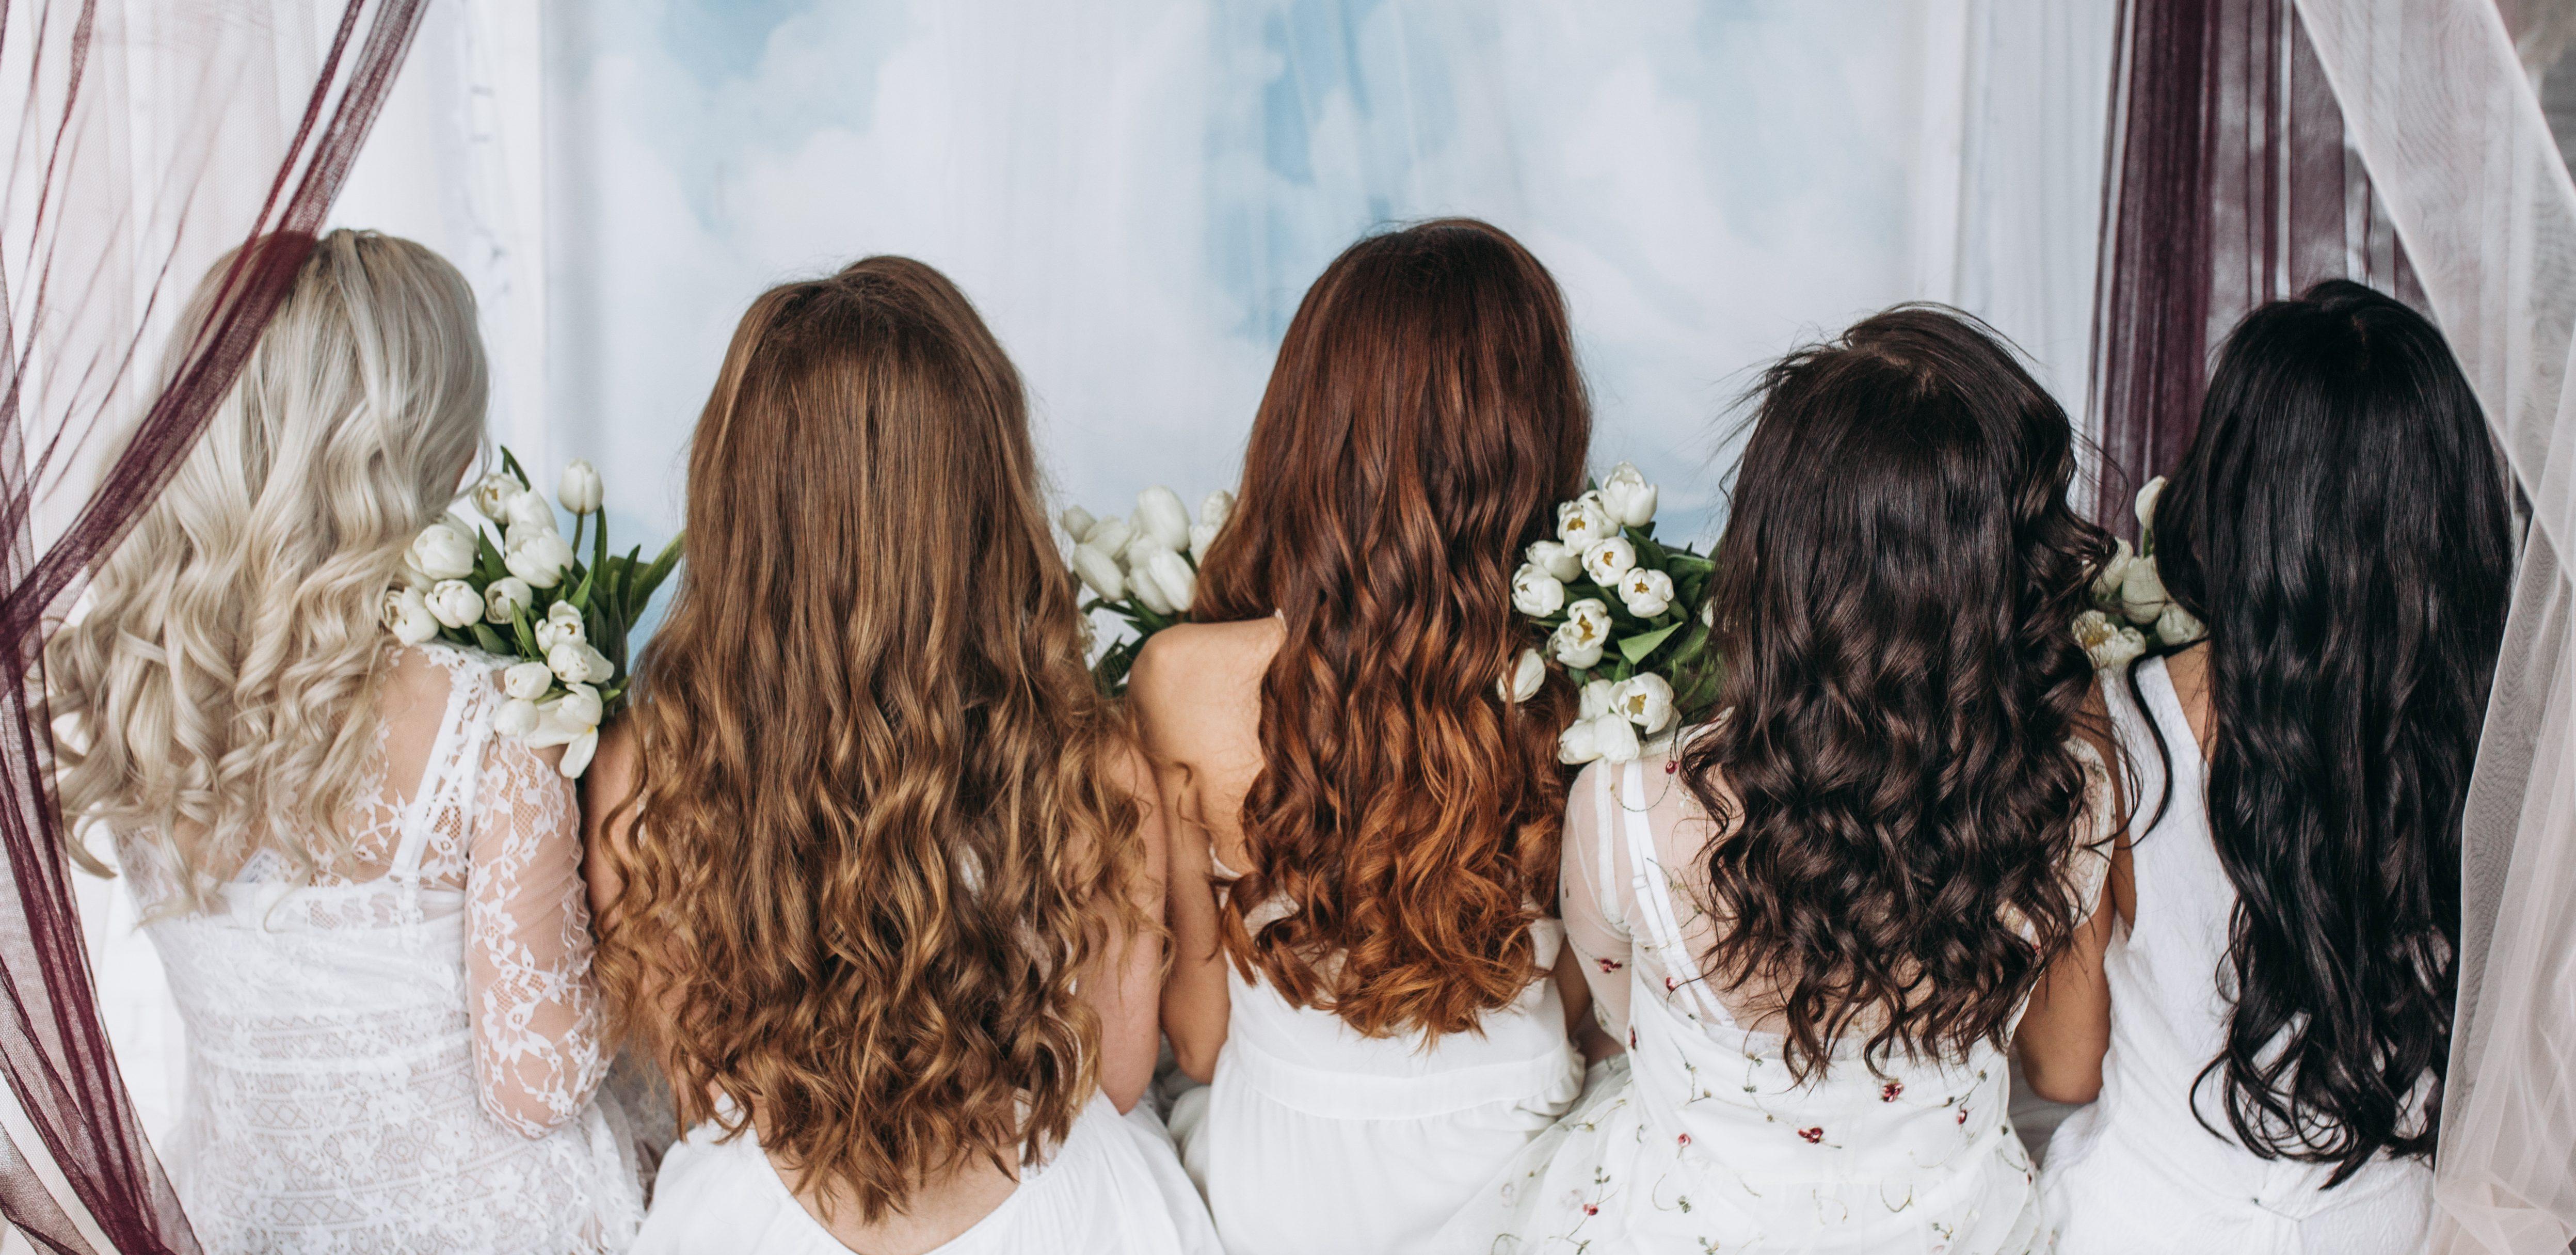 El cabello rizado es tendencia